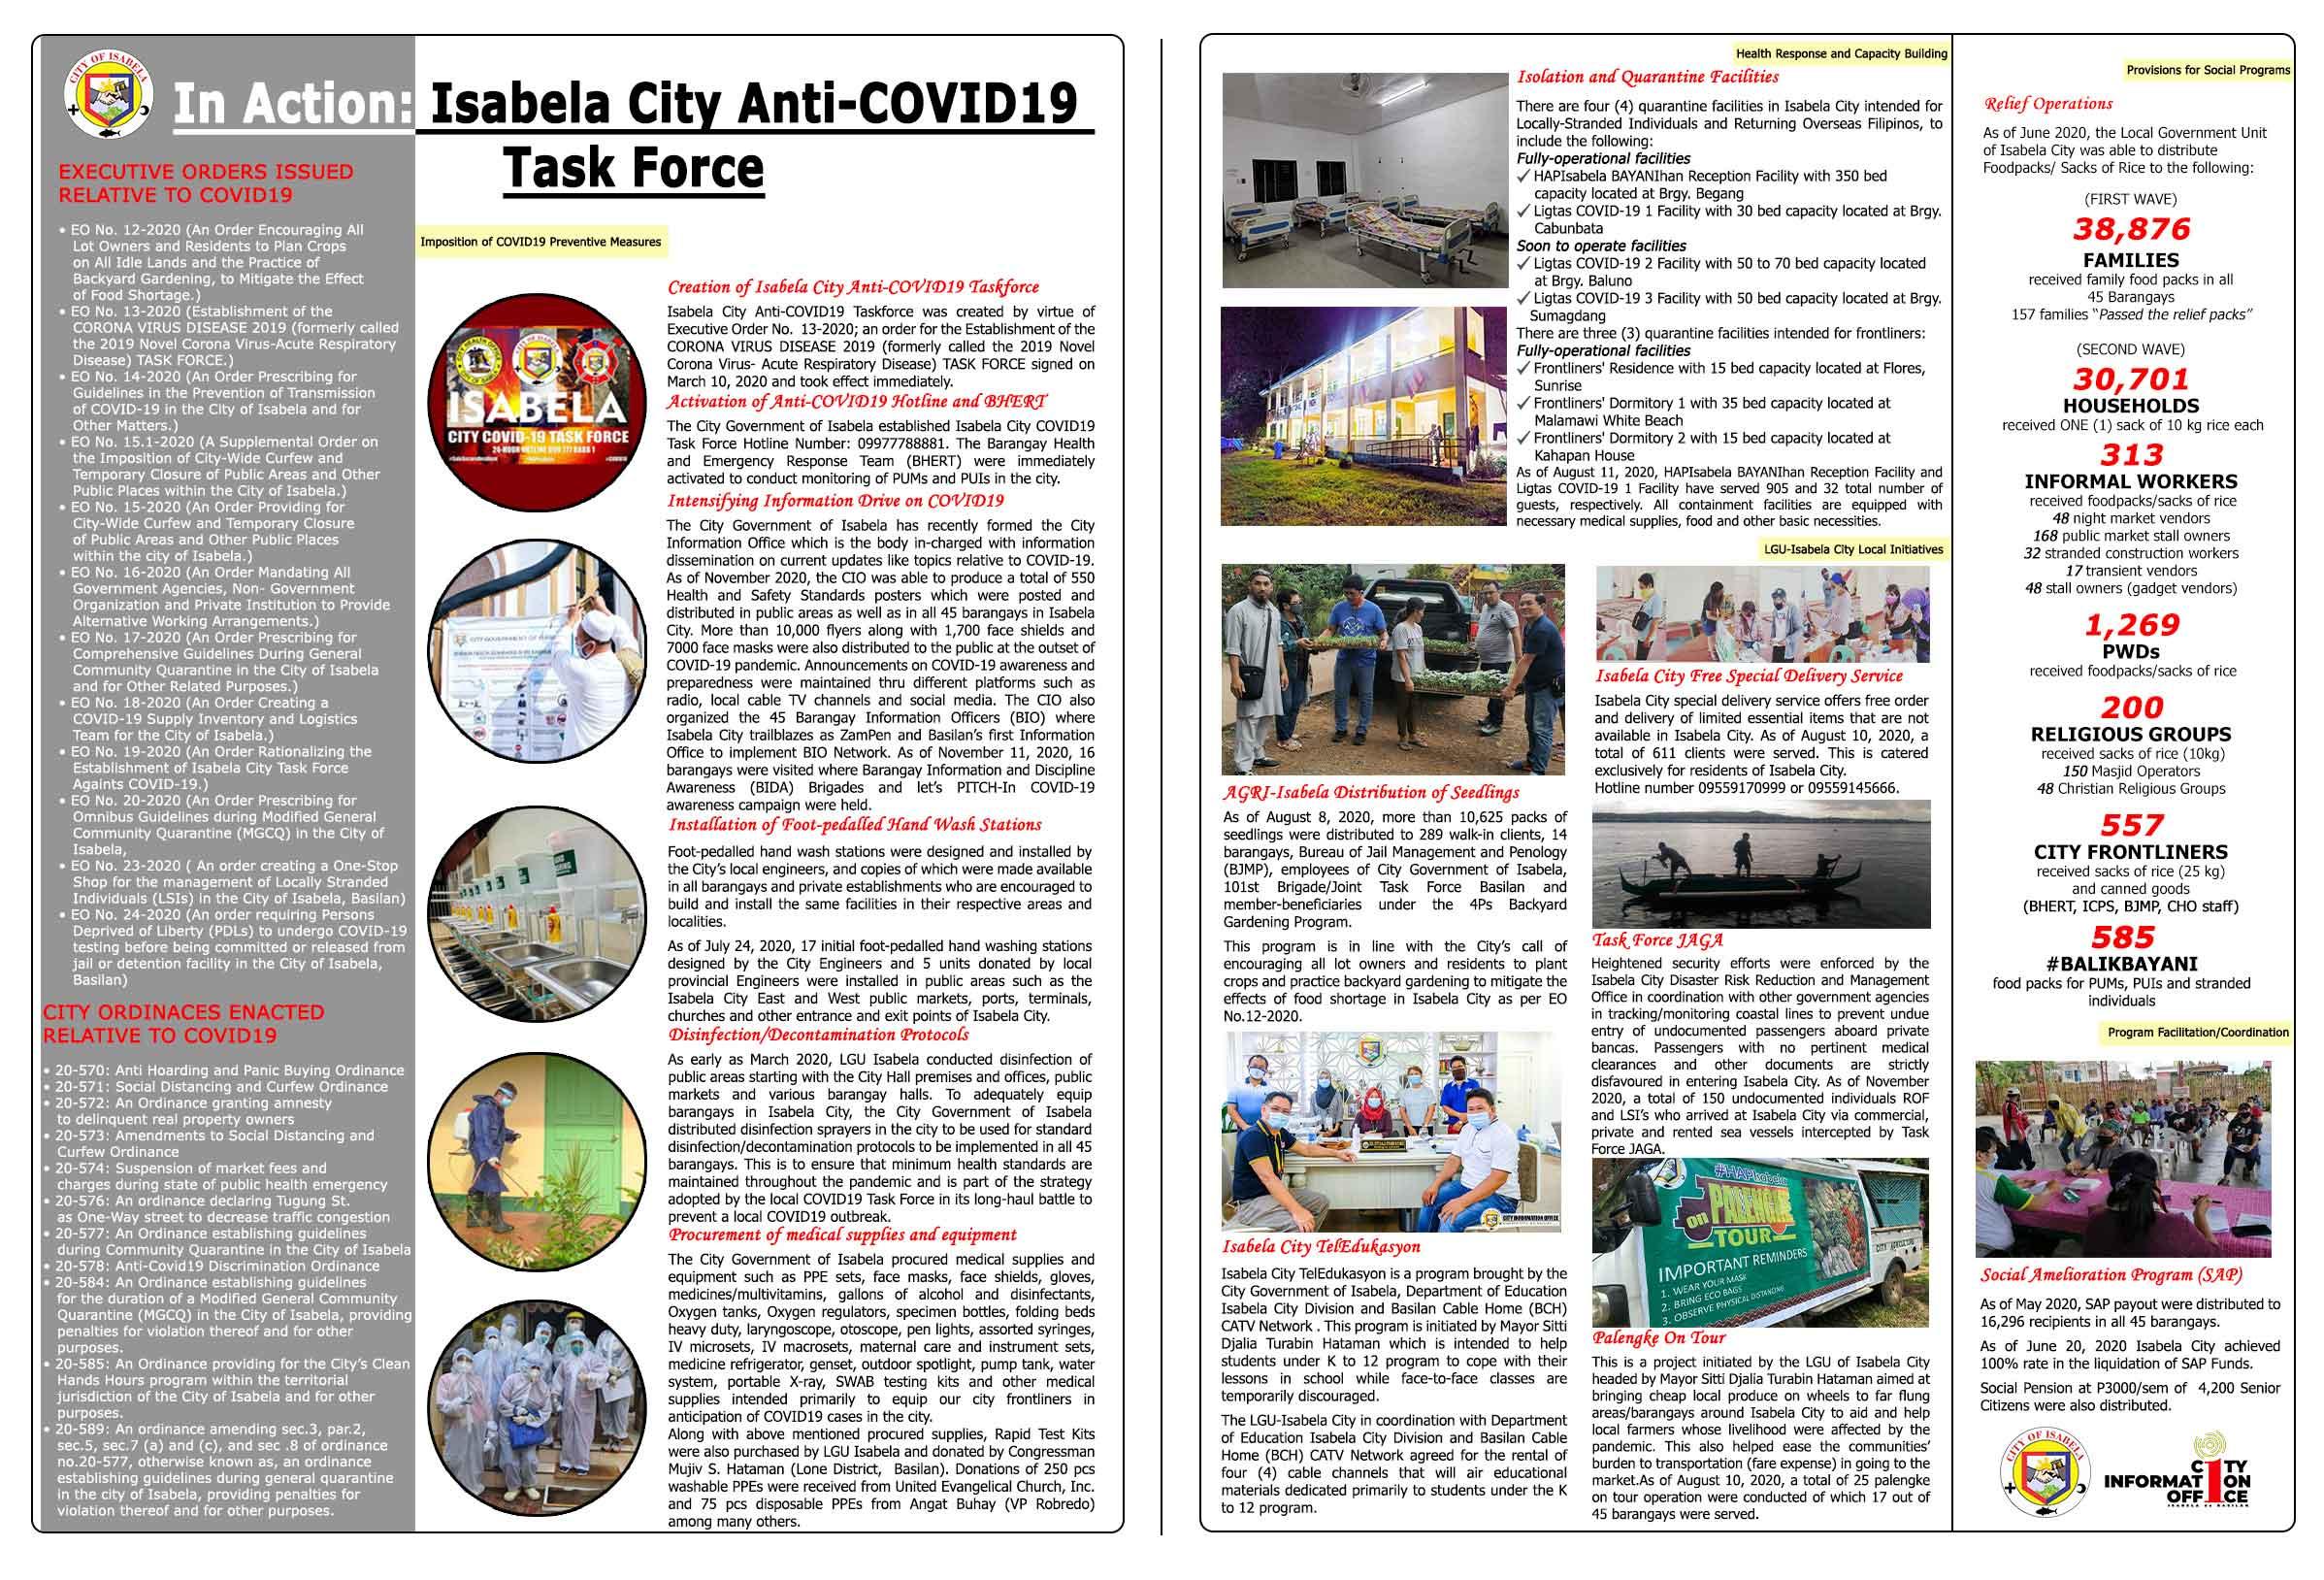 Magazine-Style-V2-as-of-November